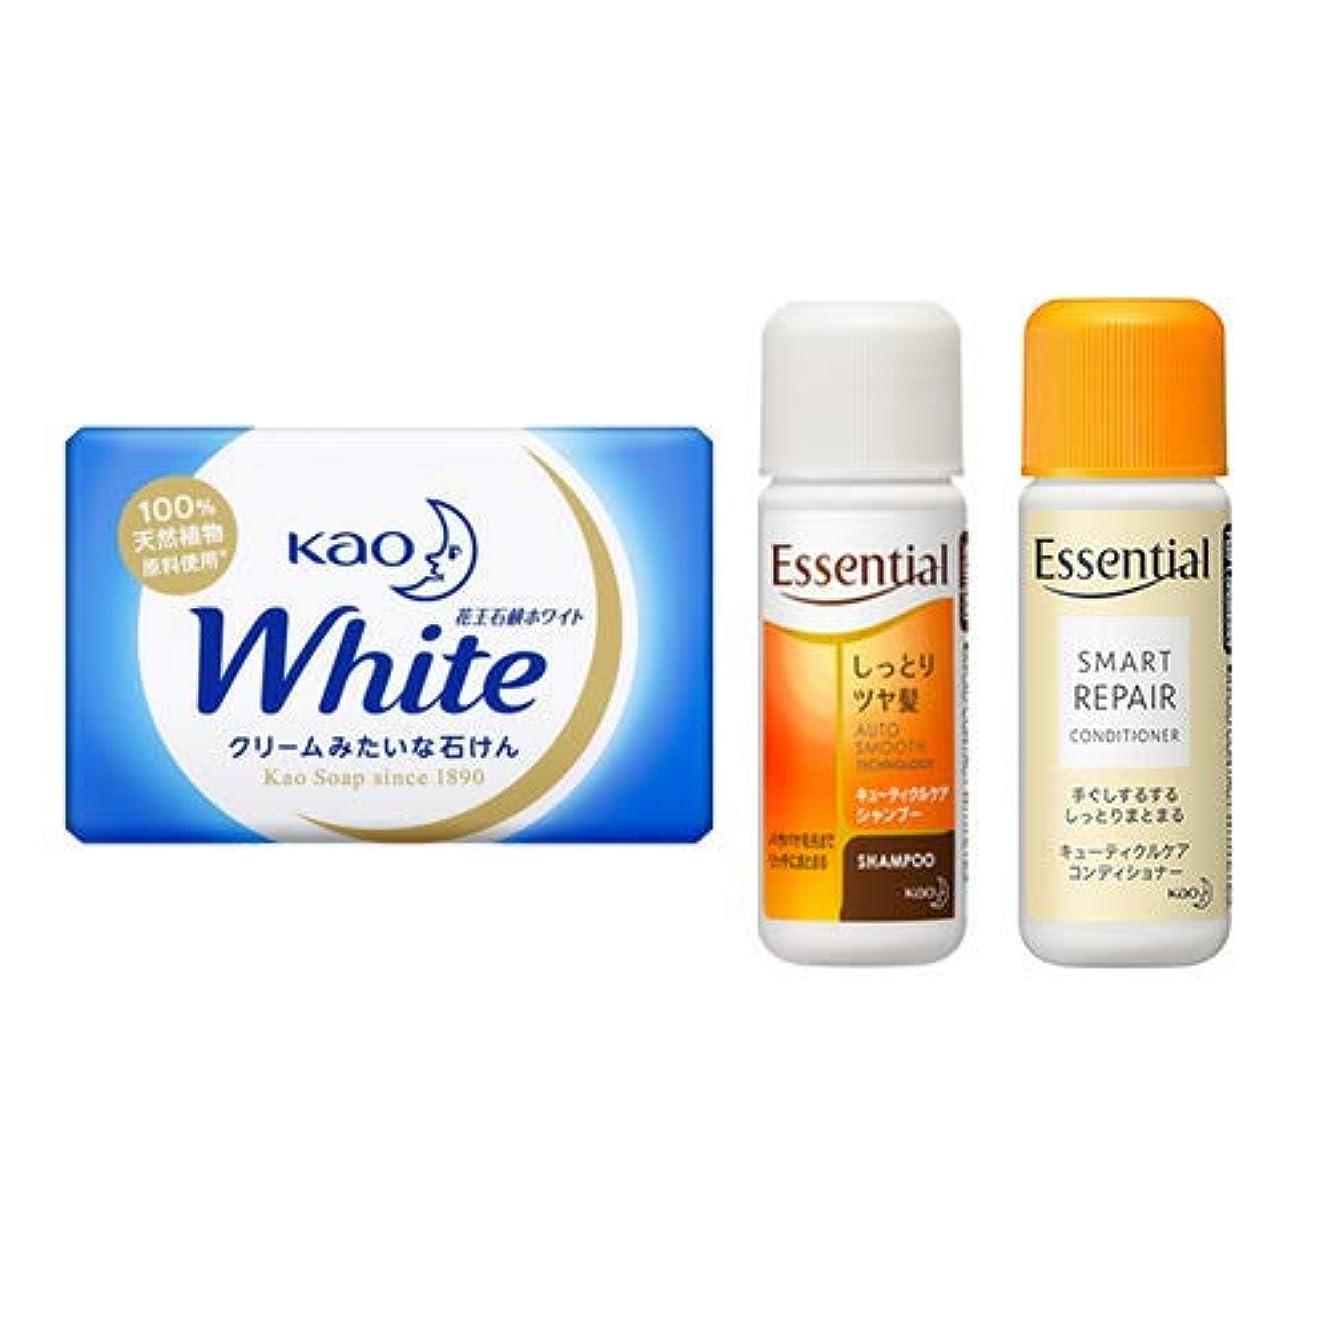 廃止するギャロップアーネストシャクルトン花王(KAO) 石鹸ホワイト(Kao Soap White) 15g + エッセンシャルシャンプー 16ml + コンディショナー 16ml セット